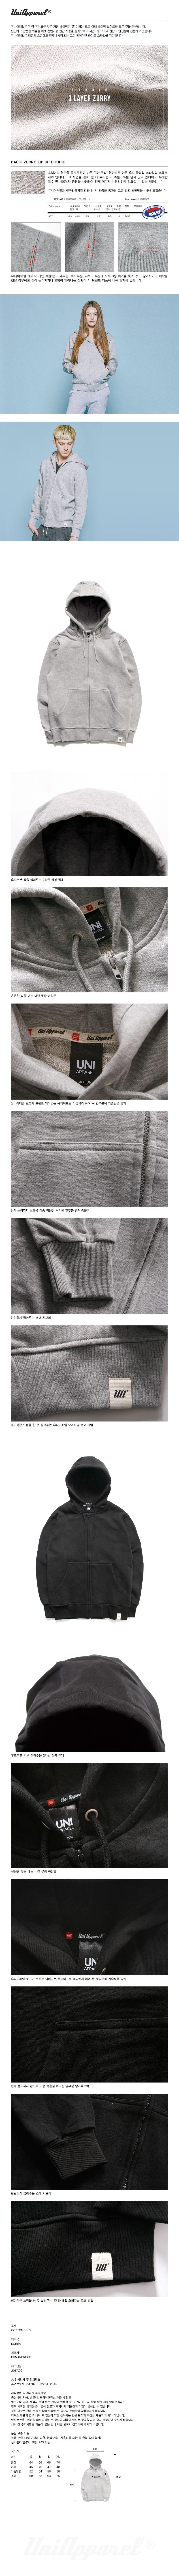 베이직-쭈리-후드집업-1+1.jpg